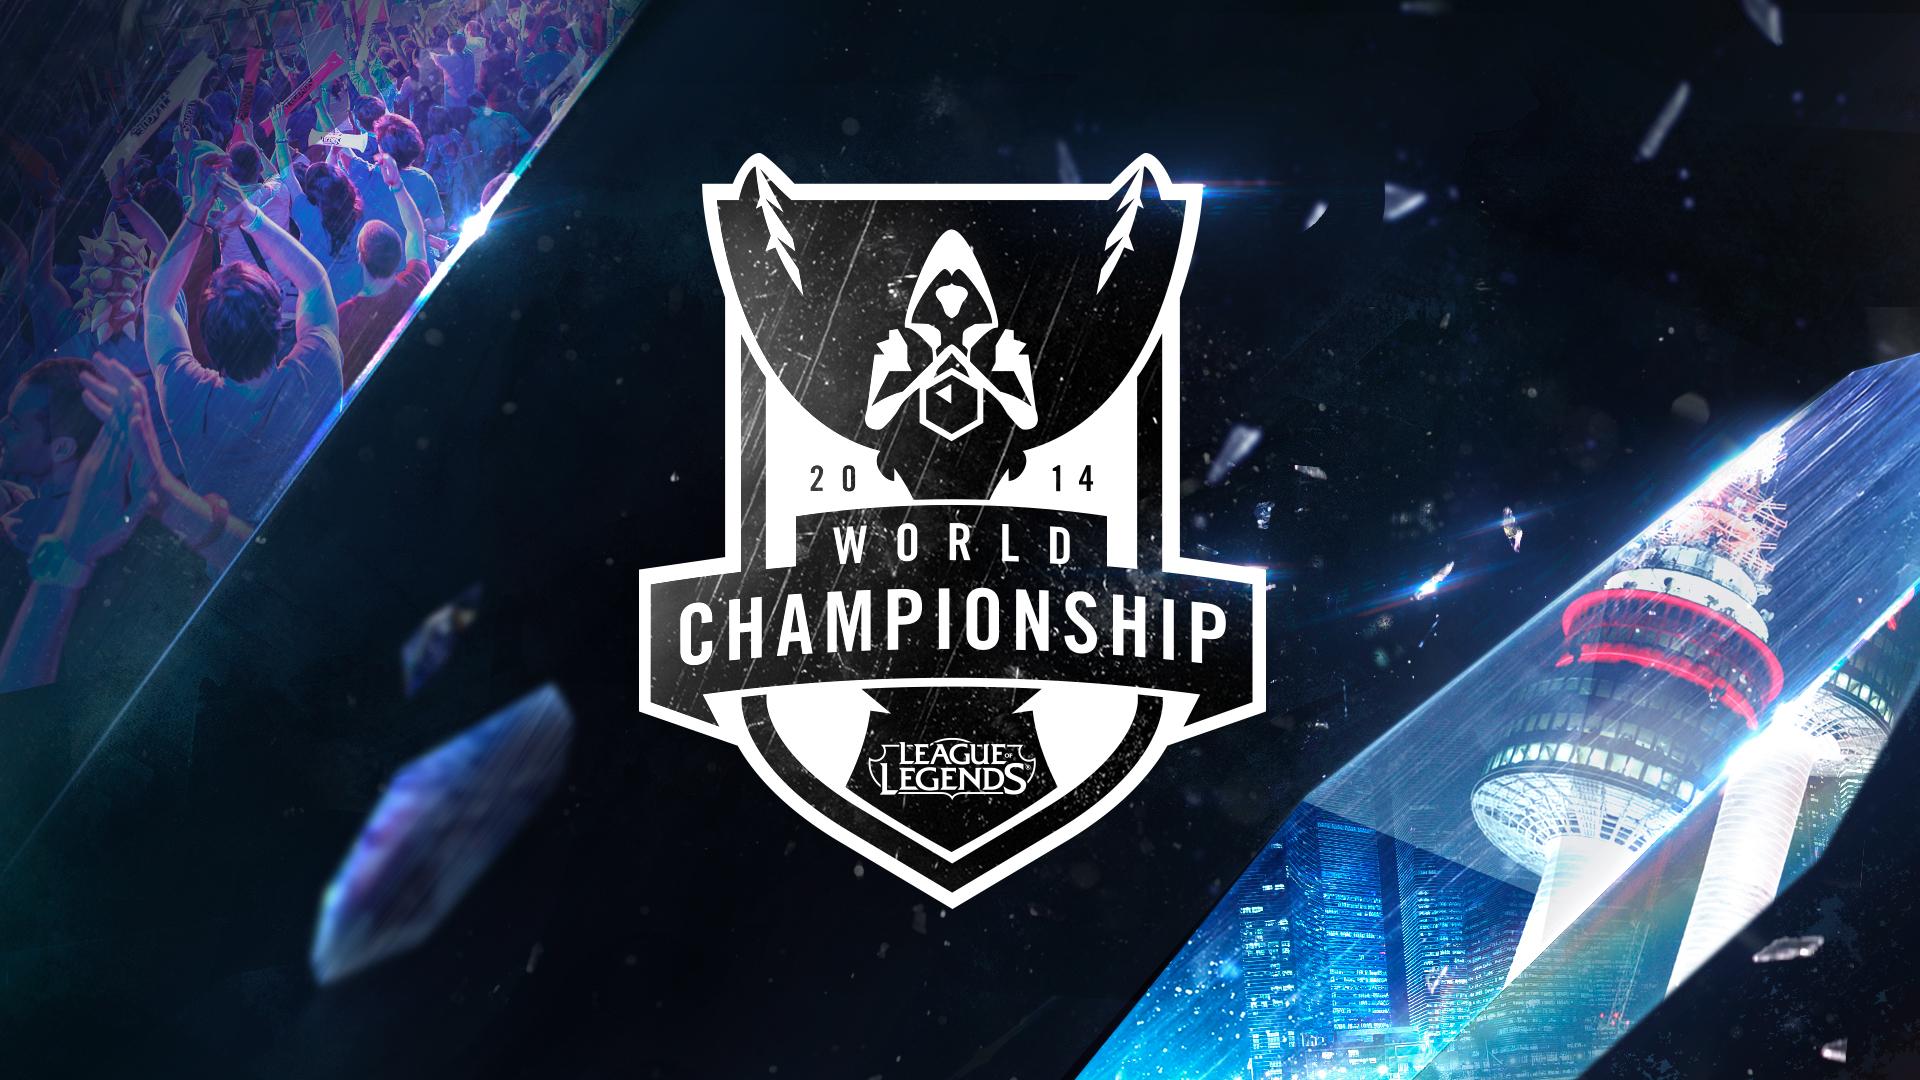 英雄联盟lolS4赛季世界总决赛时间和公告的照片